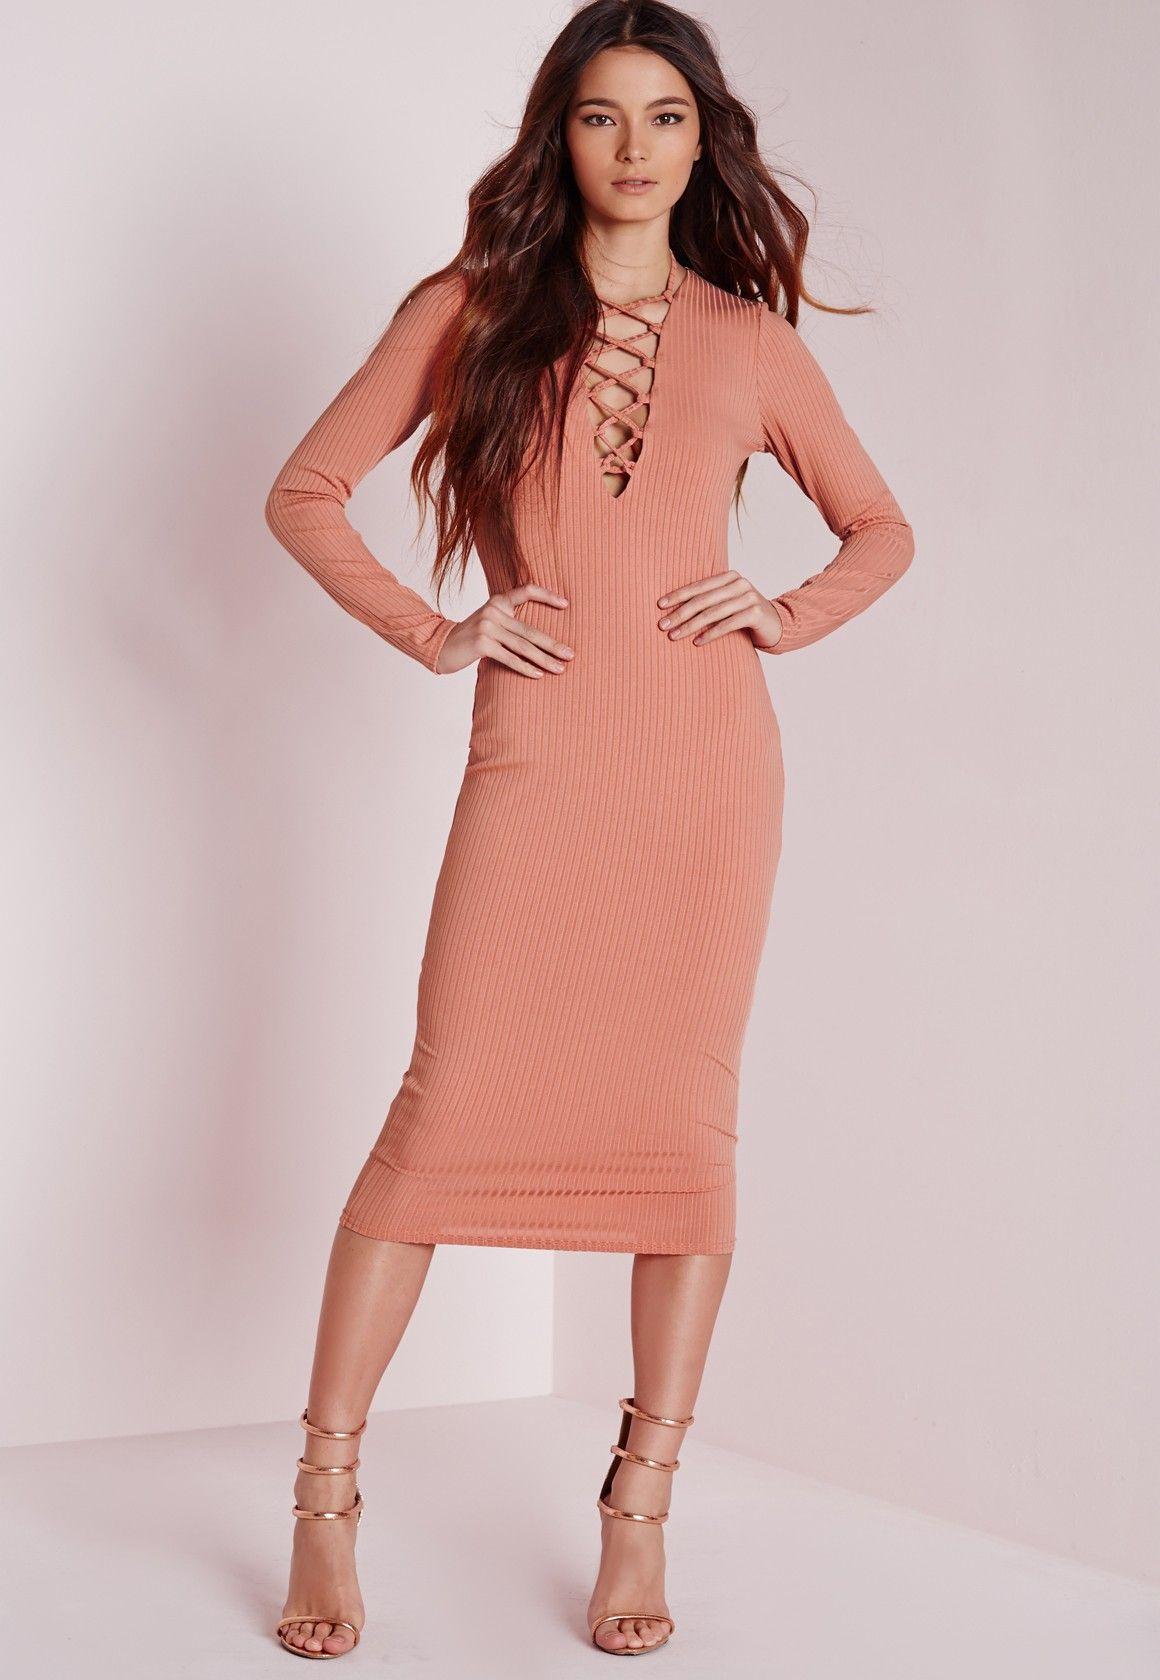 ac816674ca8 Robe cocktail rose saumon – Robes de soirée élégantes populaires en ...